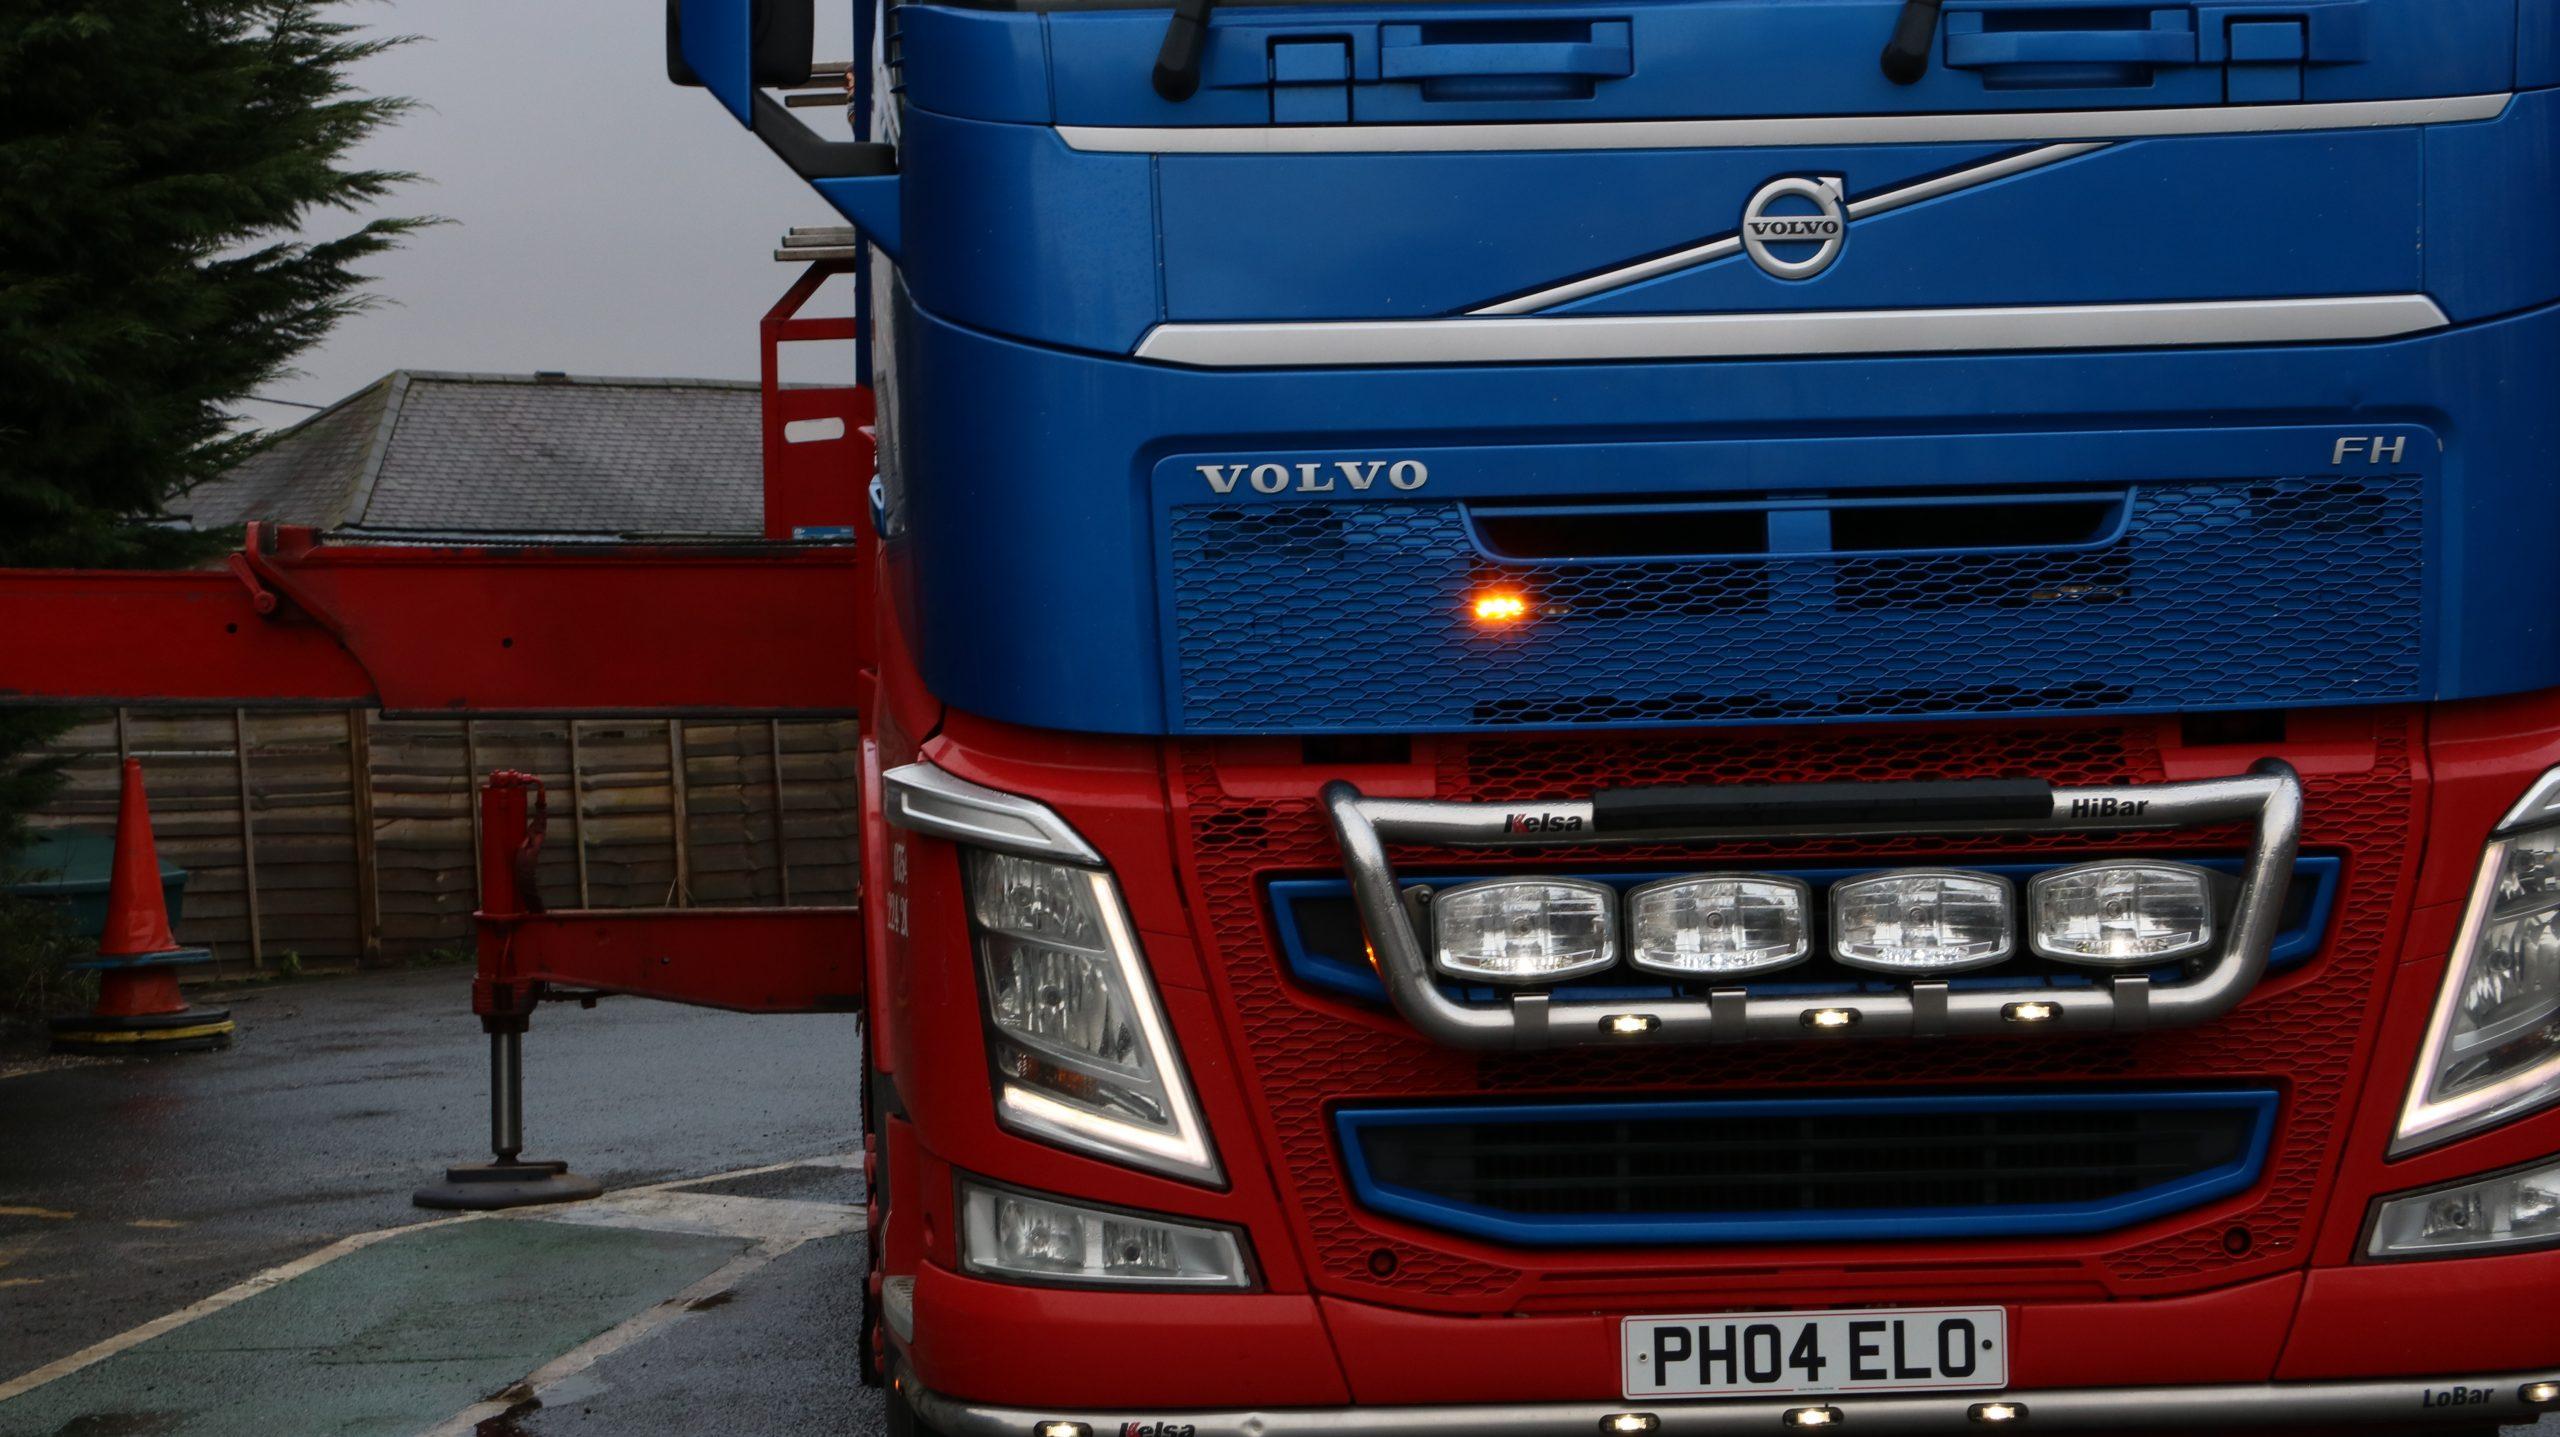 phelan_haulage_hiab_truck28